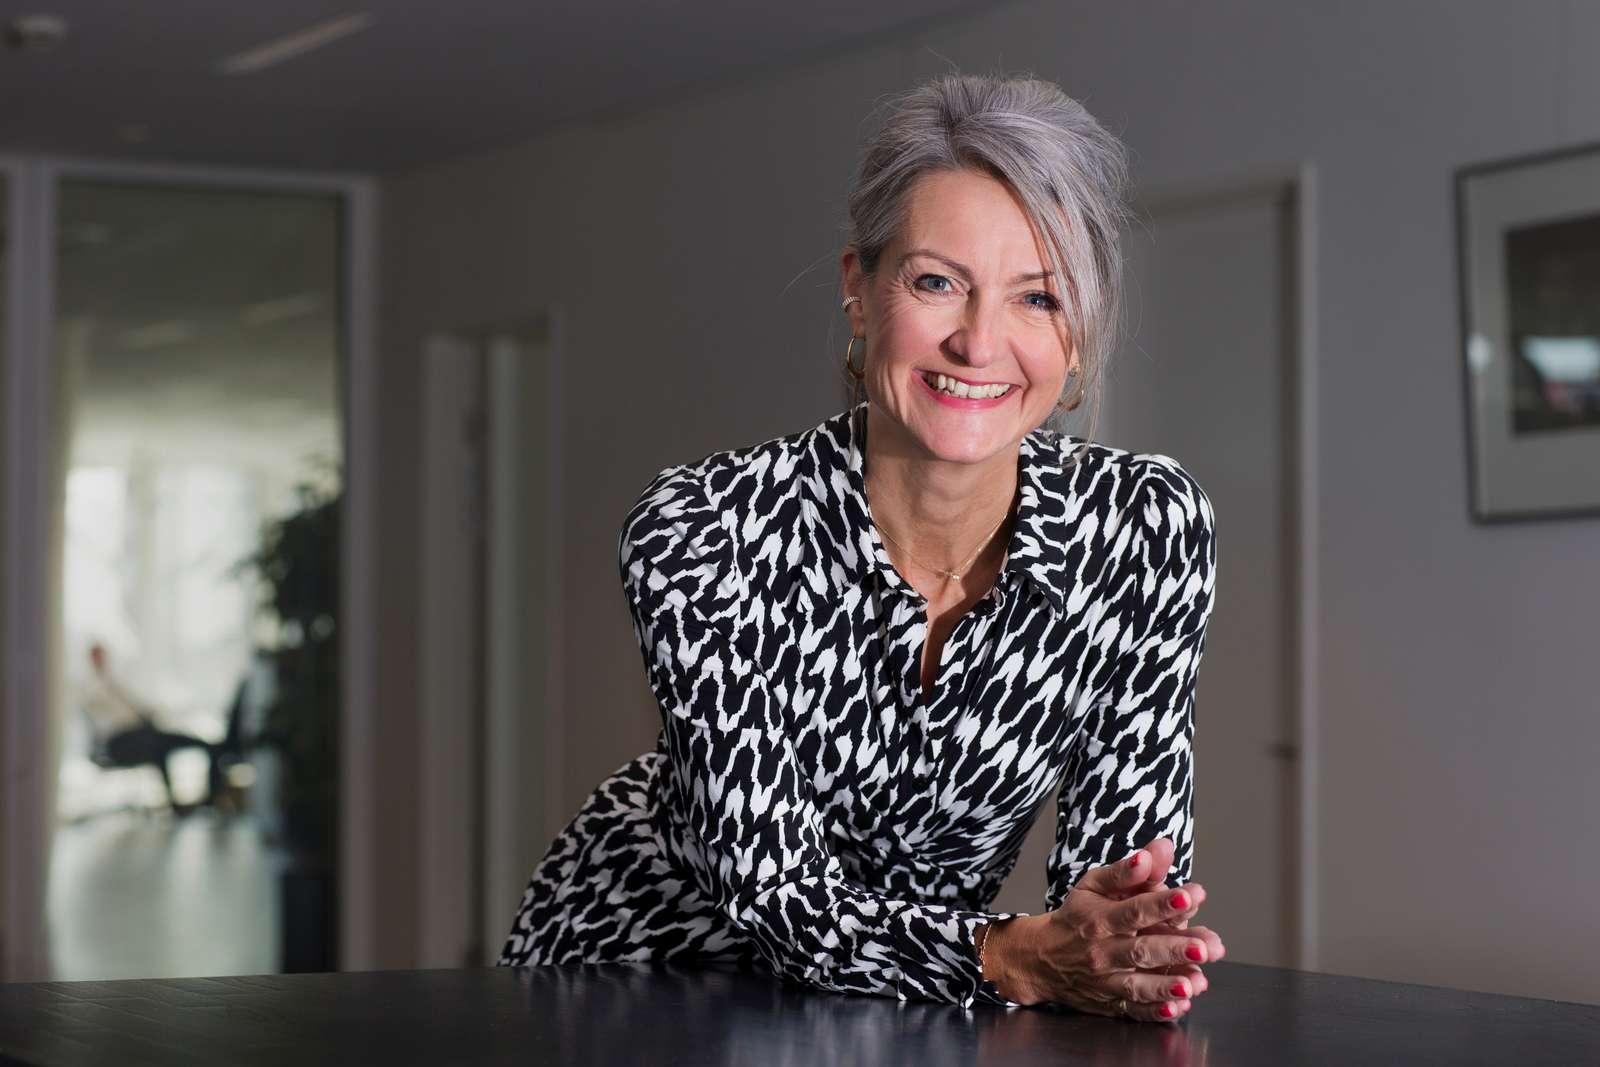 Henriette Søltoft, en af vicedirektørerne i Dansk Industri, med blandt andet ansvar for turisme og oplevelse. Pressefoto for Dansk Industri: Sif Meincke.